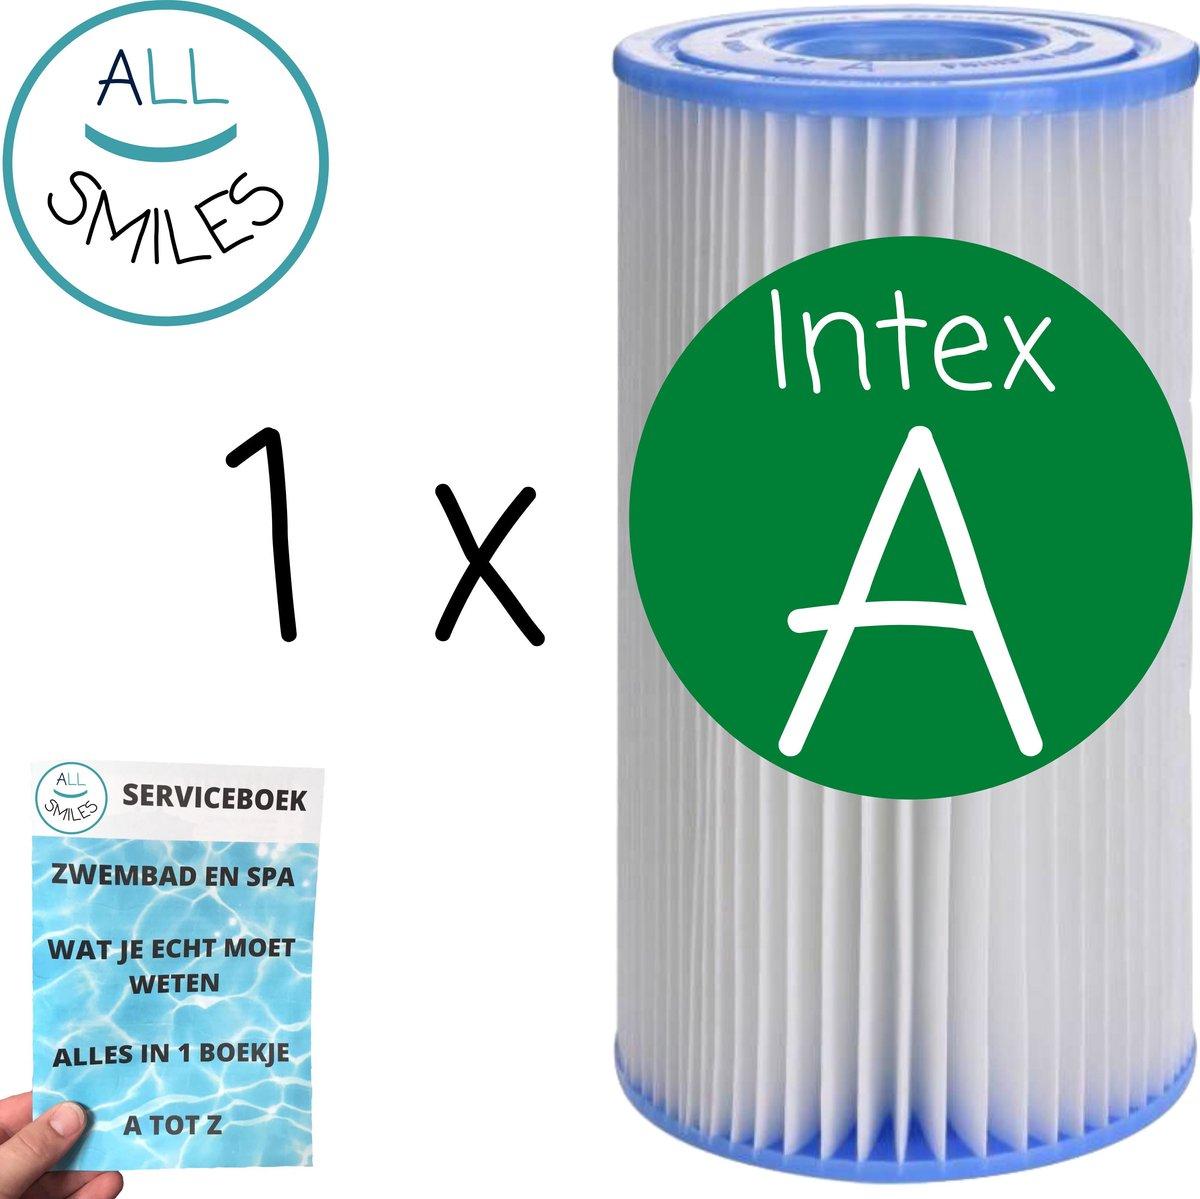 1 x Intex Zwembadfilter Type A voor Zwembad voor Onderhoud - Filtercartridge - Onderhoudsfilter - Filter Type A + All Smiles Serviceboek